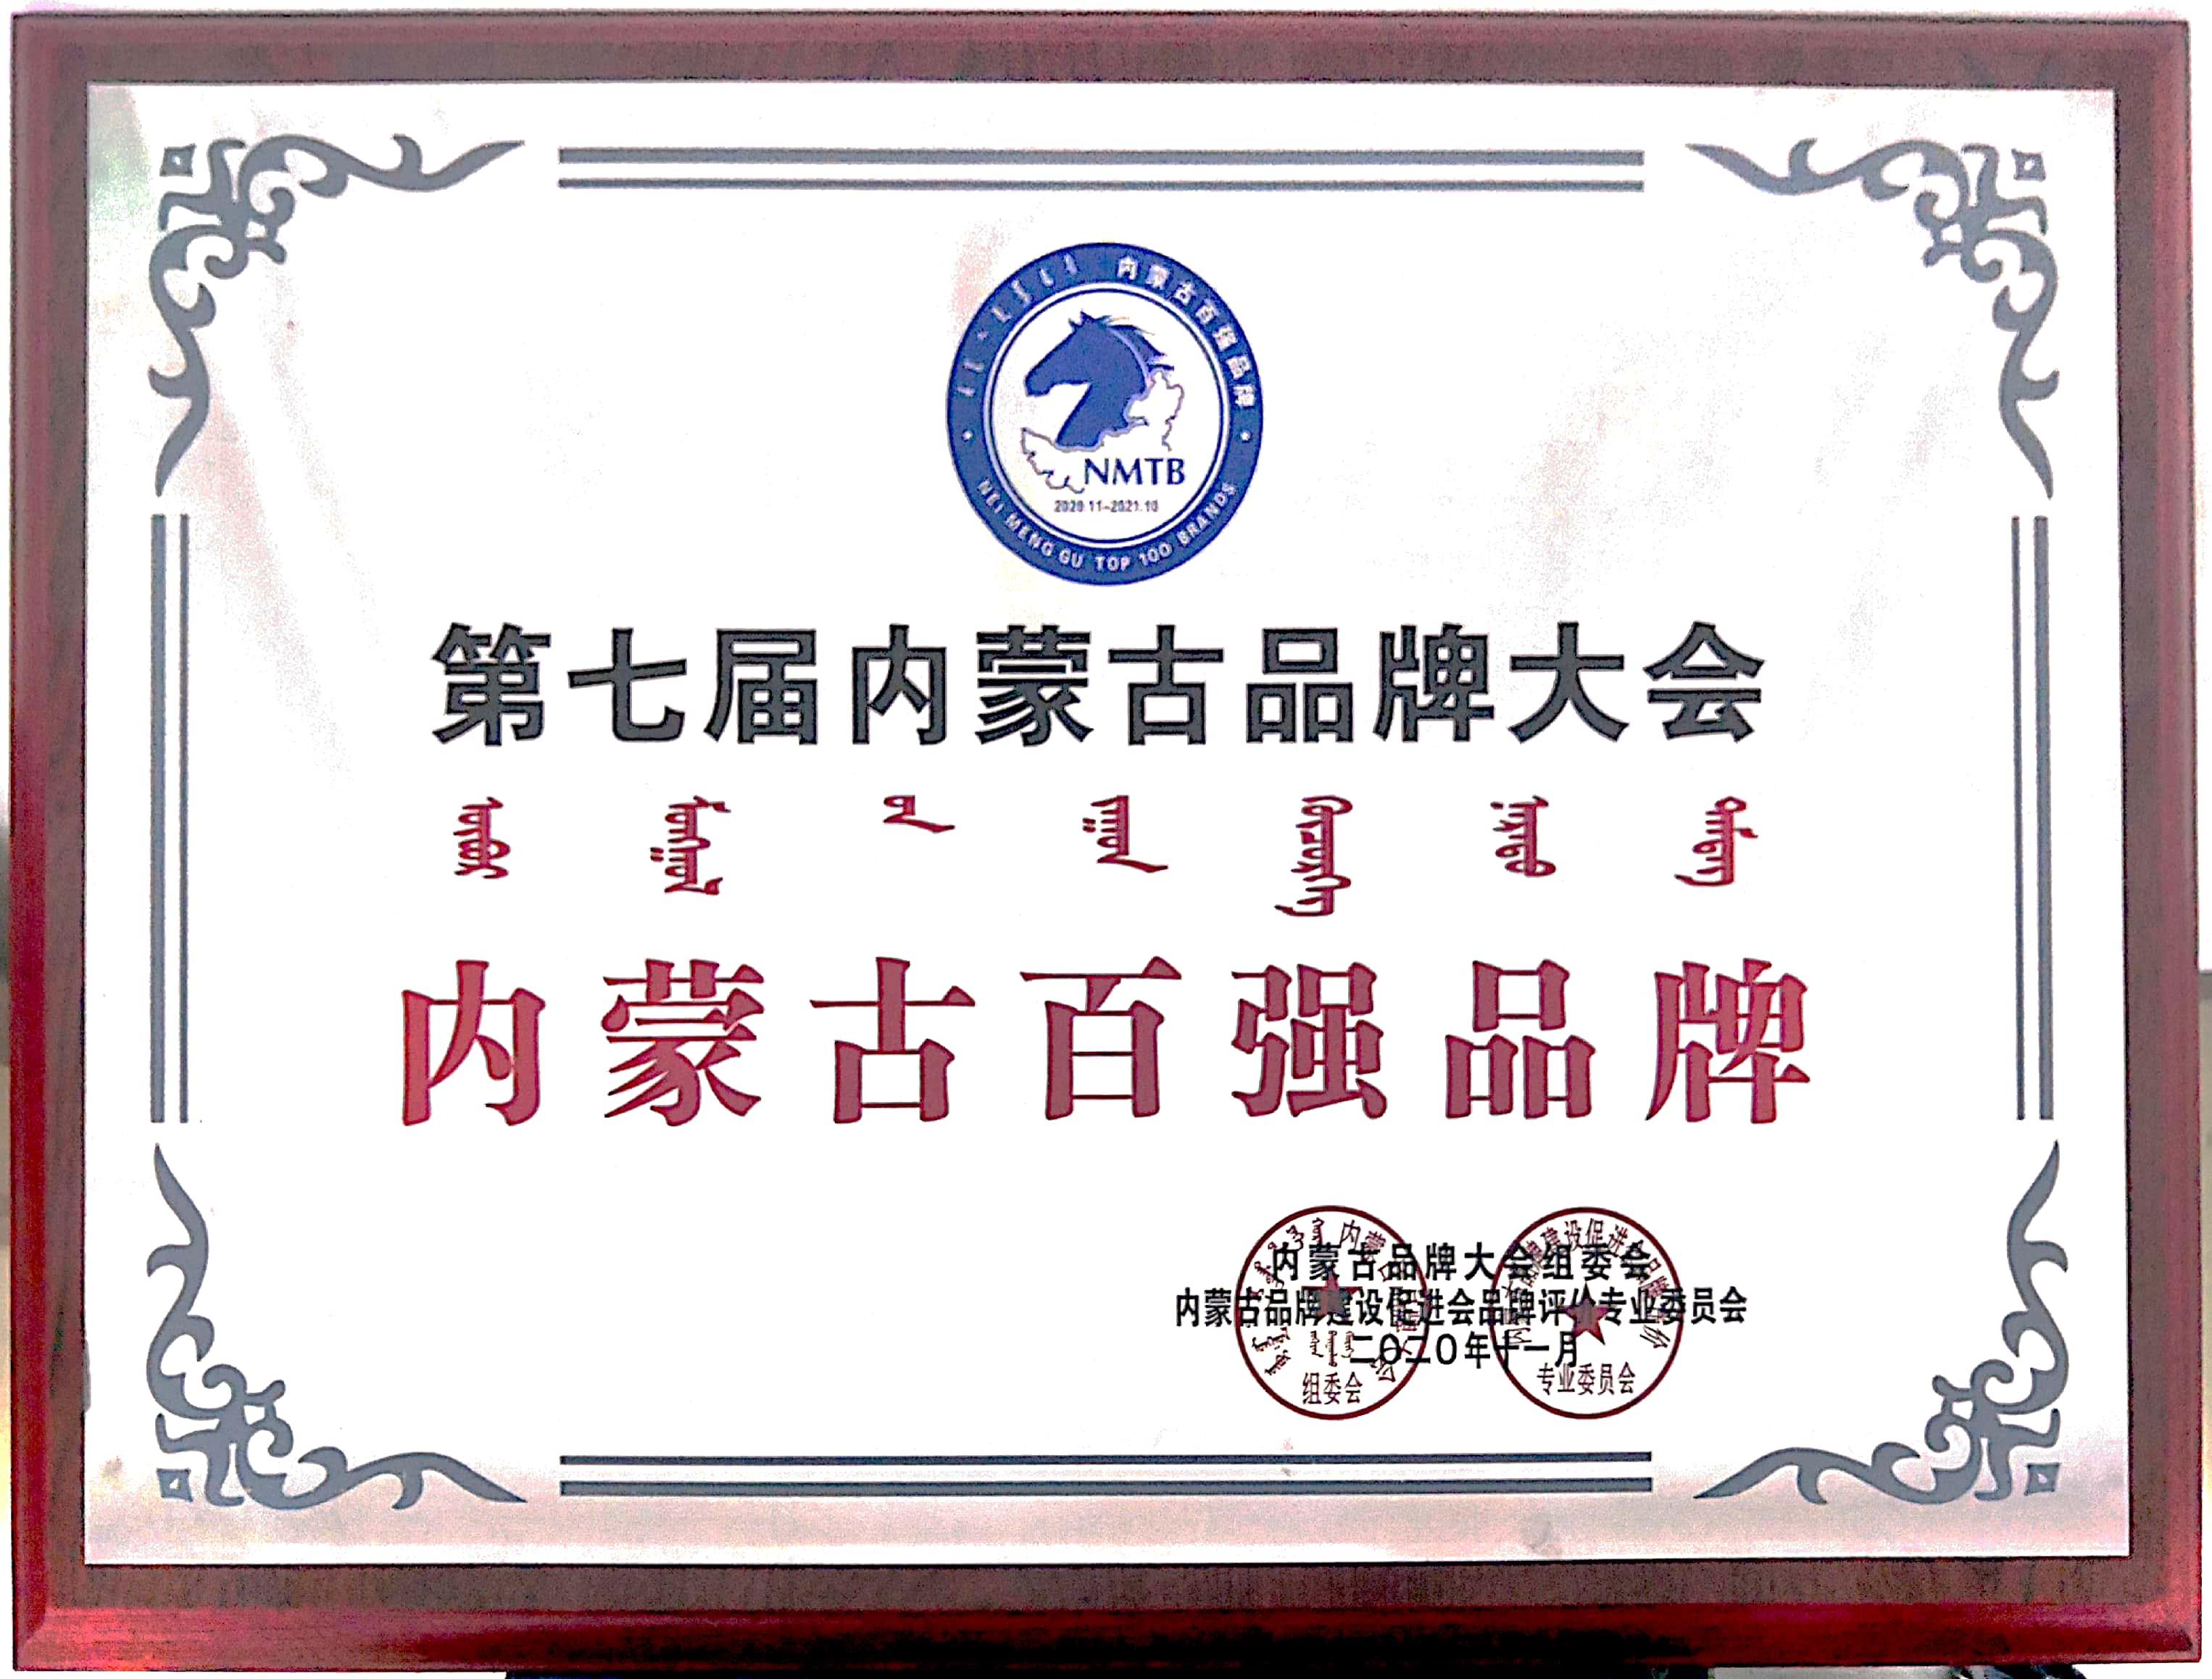 内蒙古百强品牌